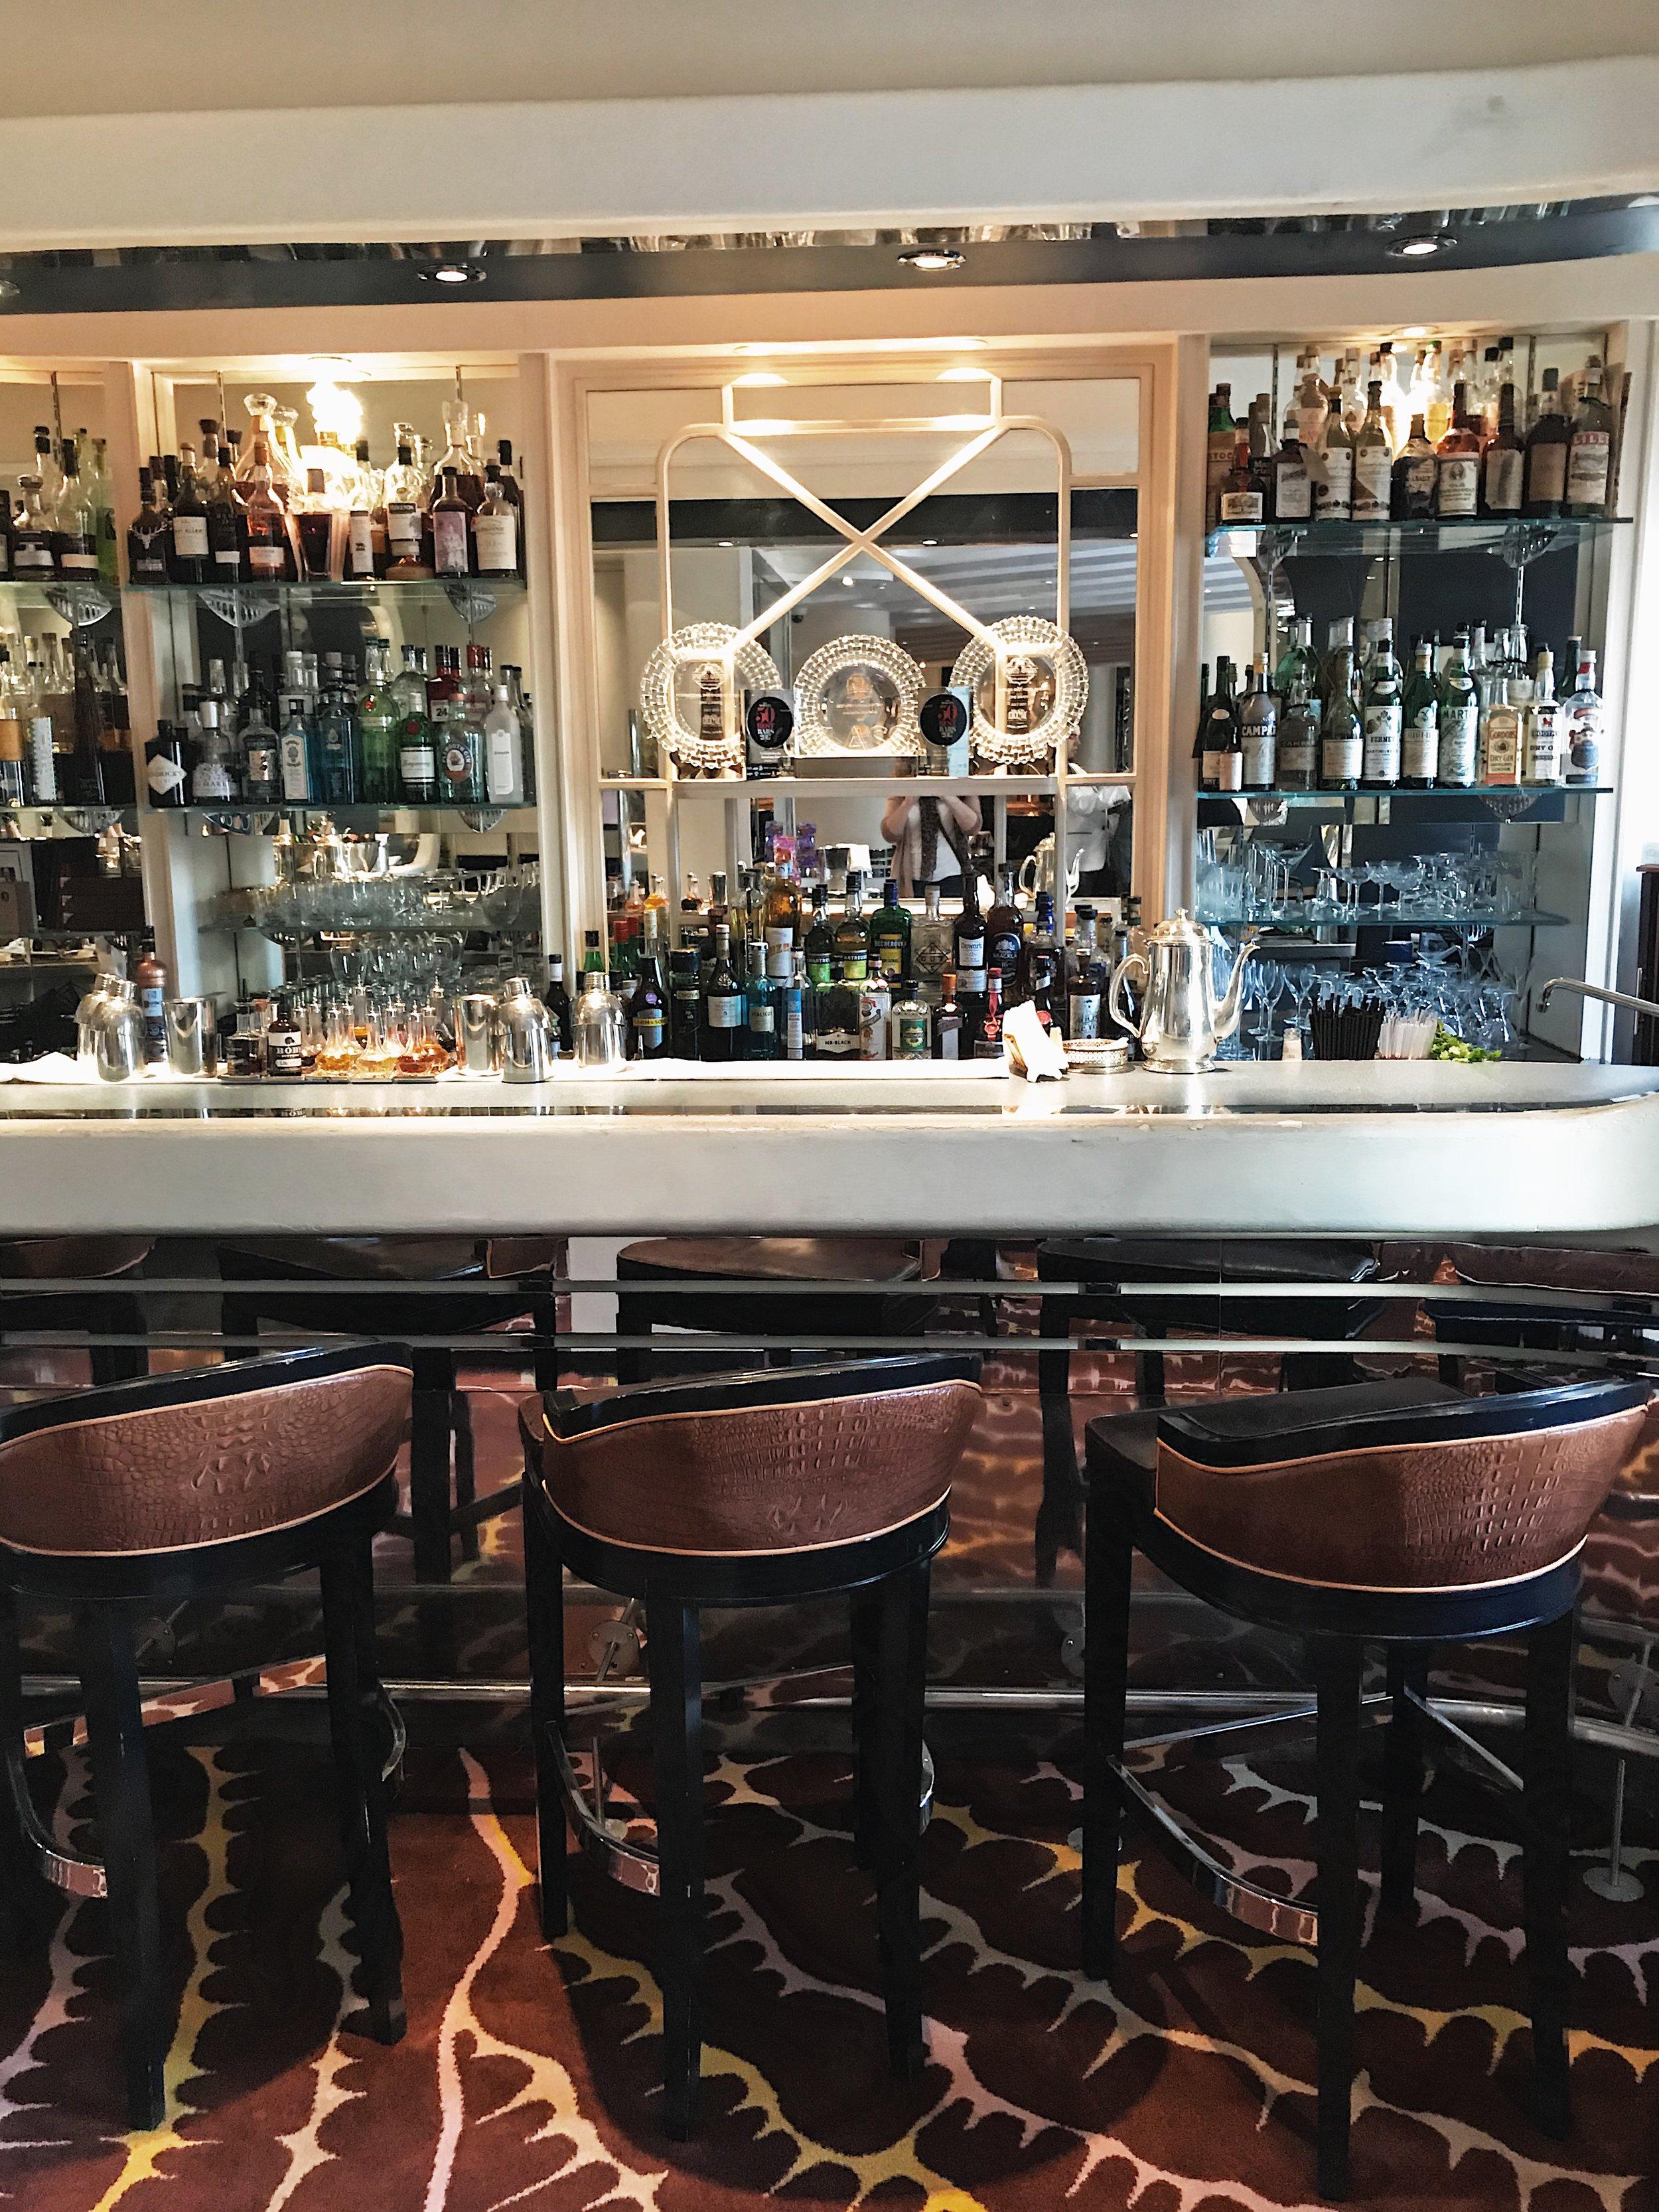 The World's Best Bar!